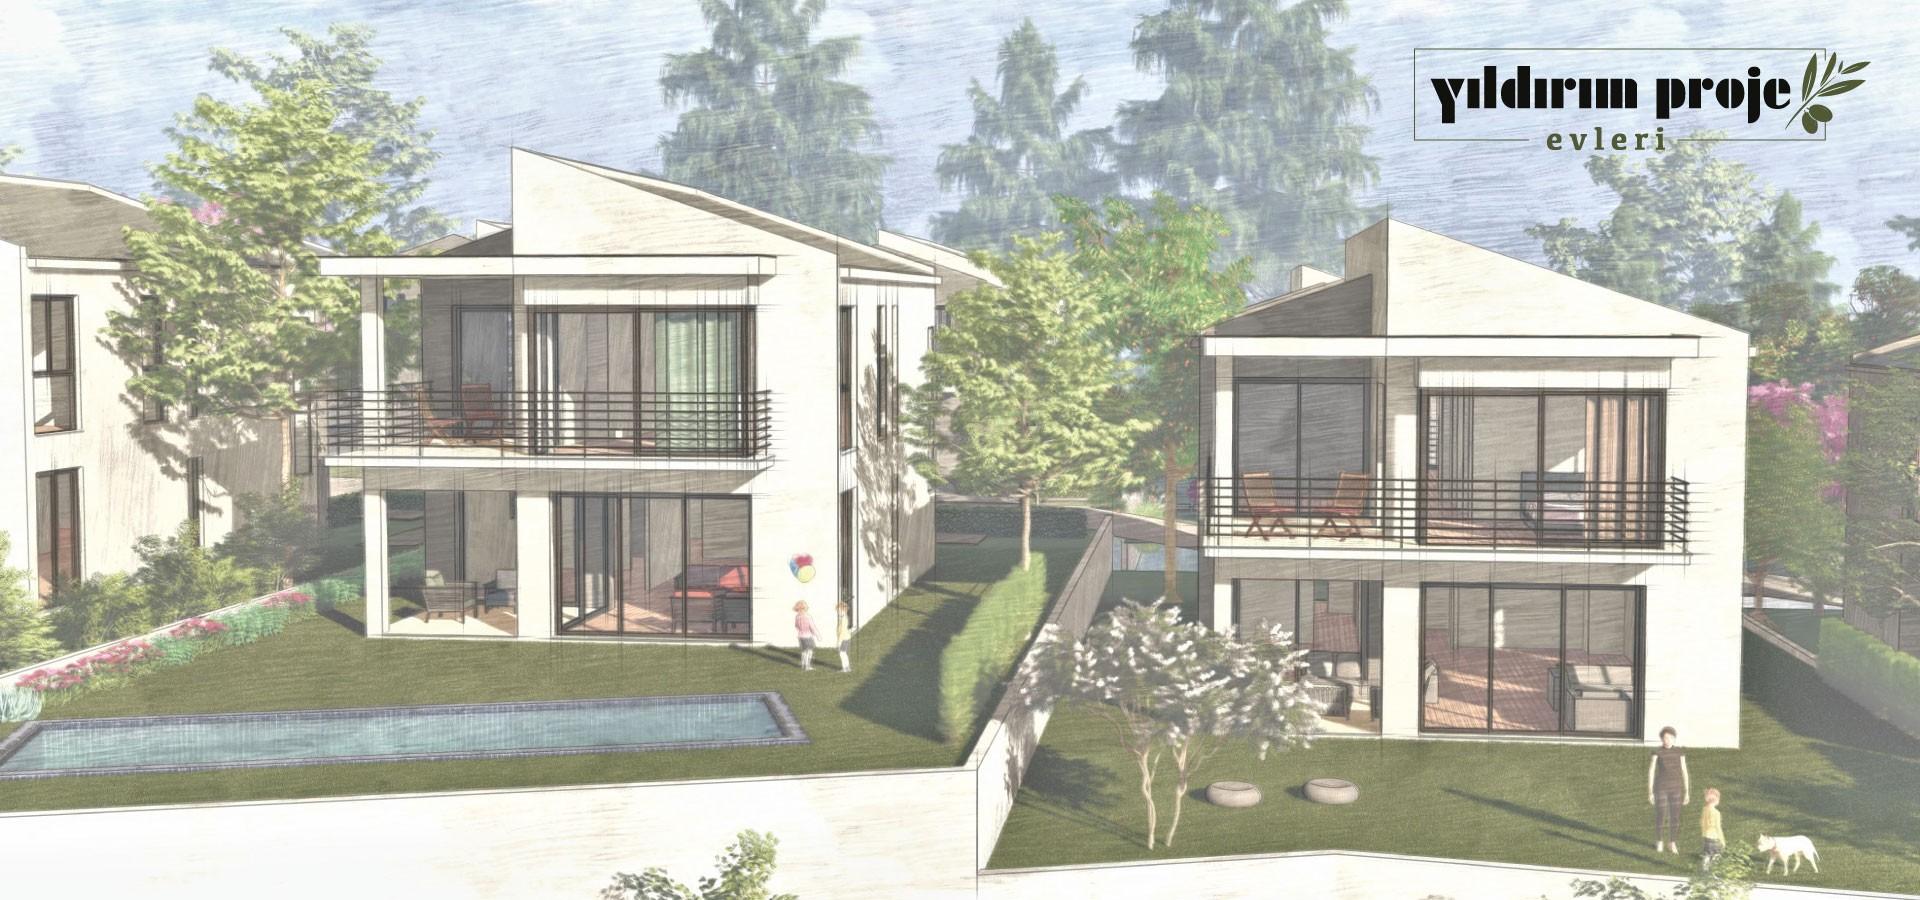 Yıldırım Proje Evleri